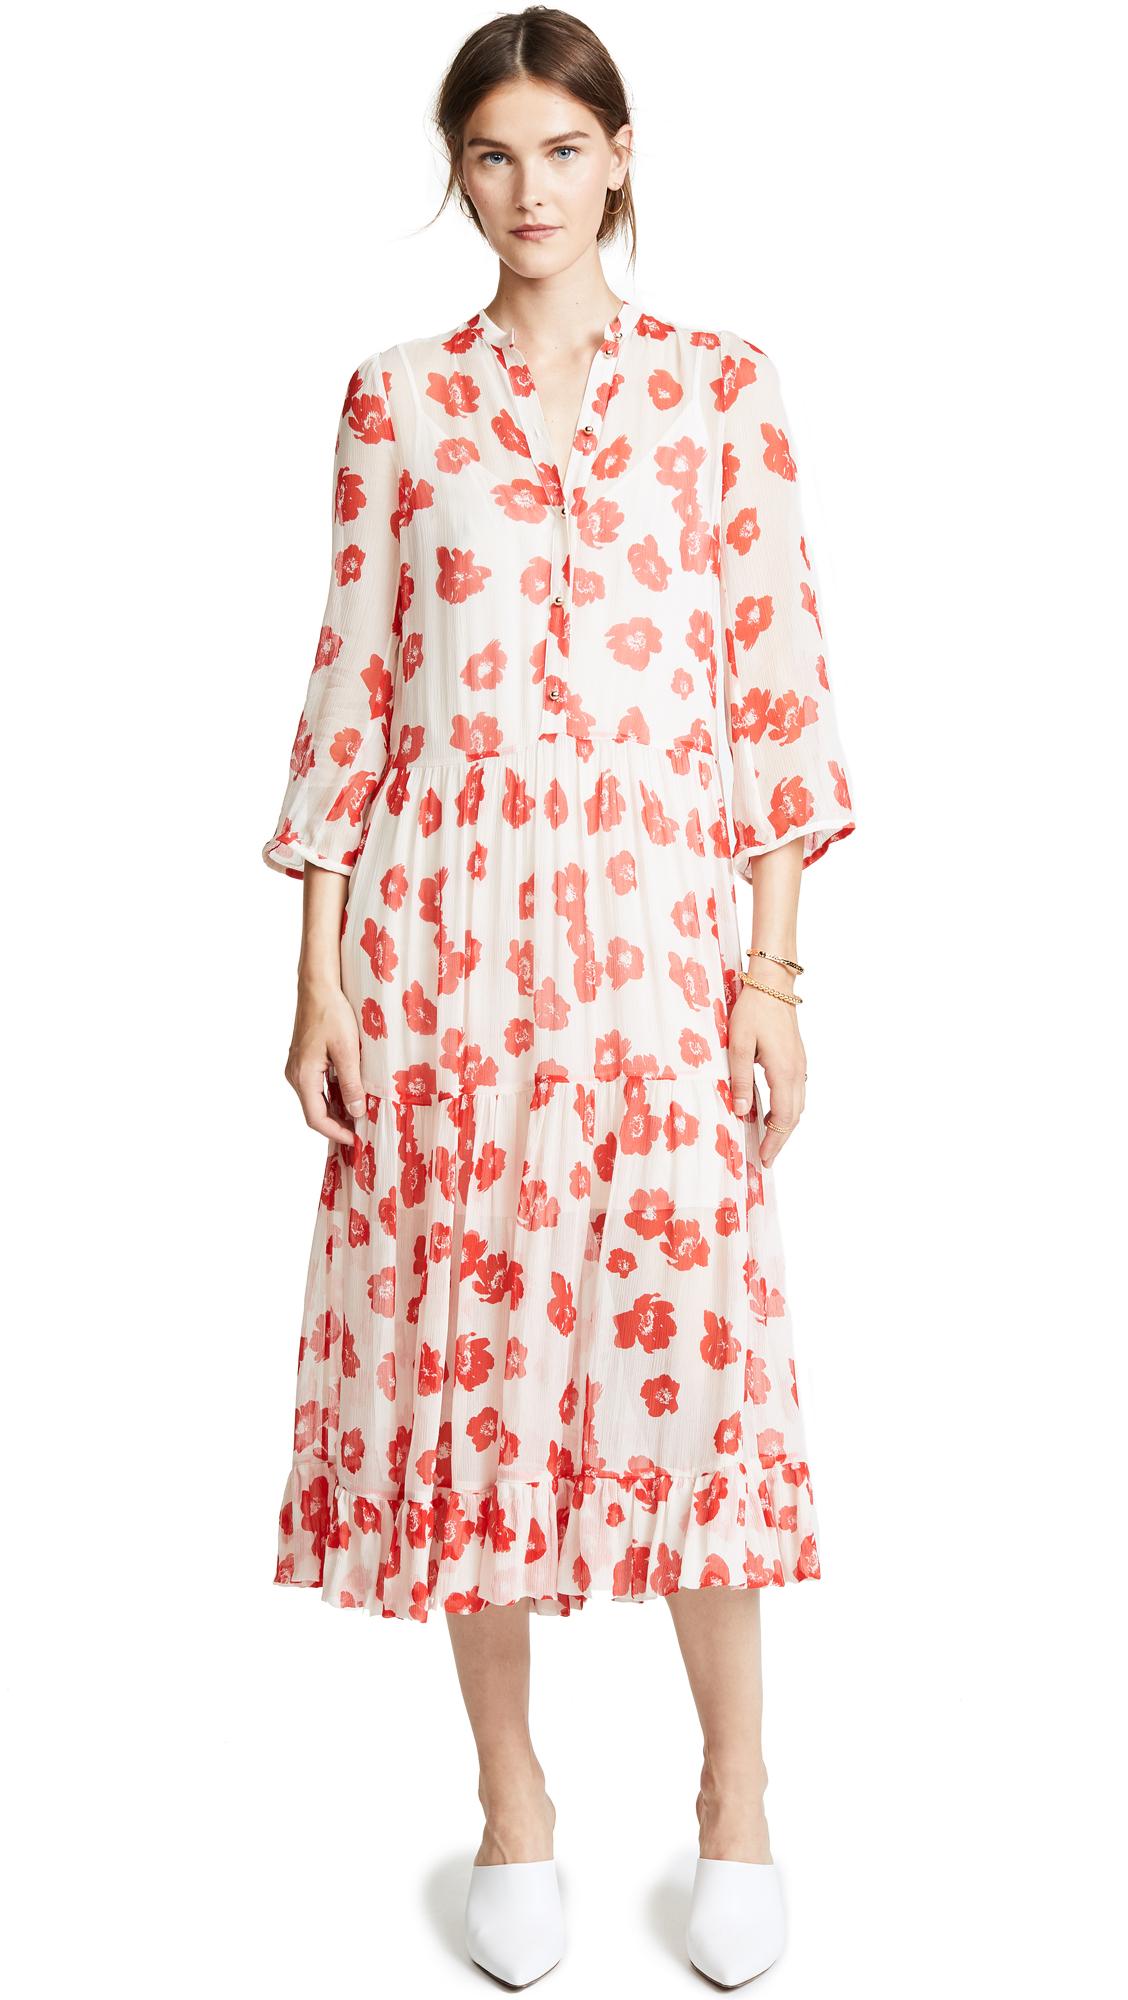 BAUM UND PFERDGARTEN Alexandrina Dress In Red Poppy